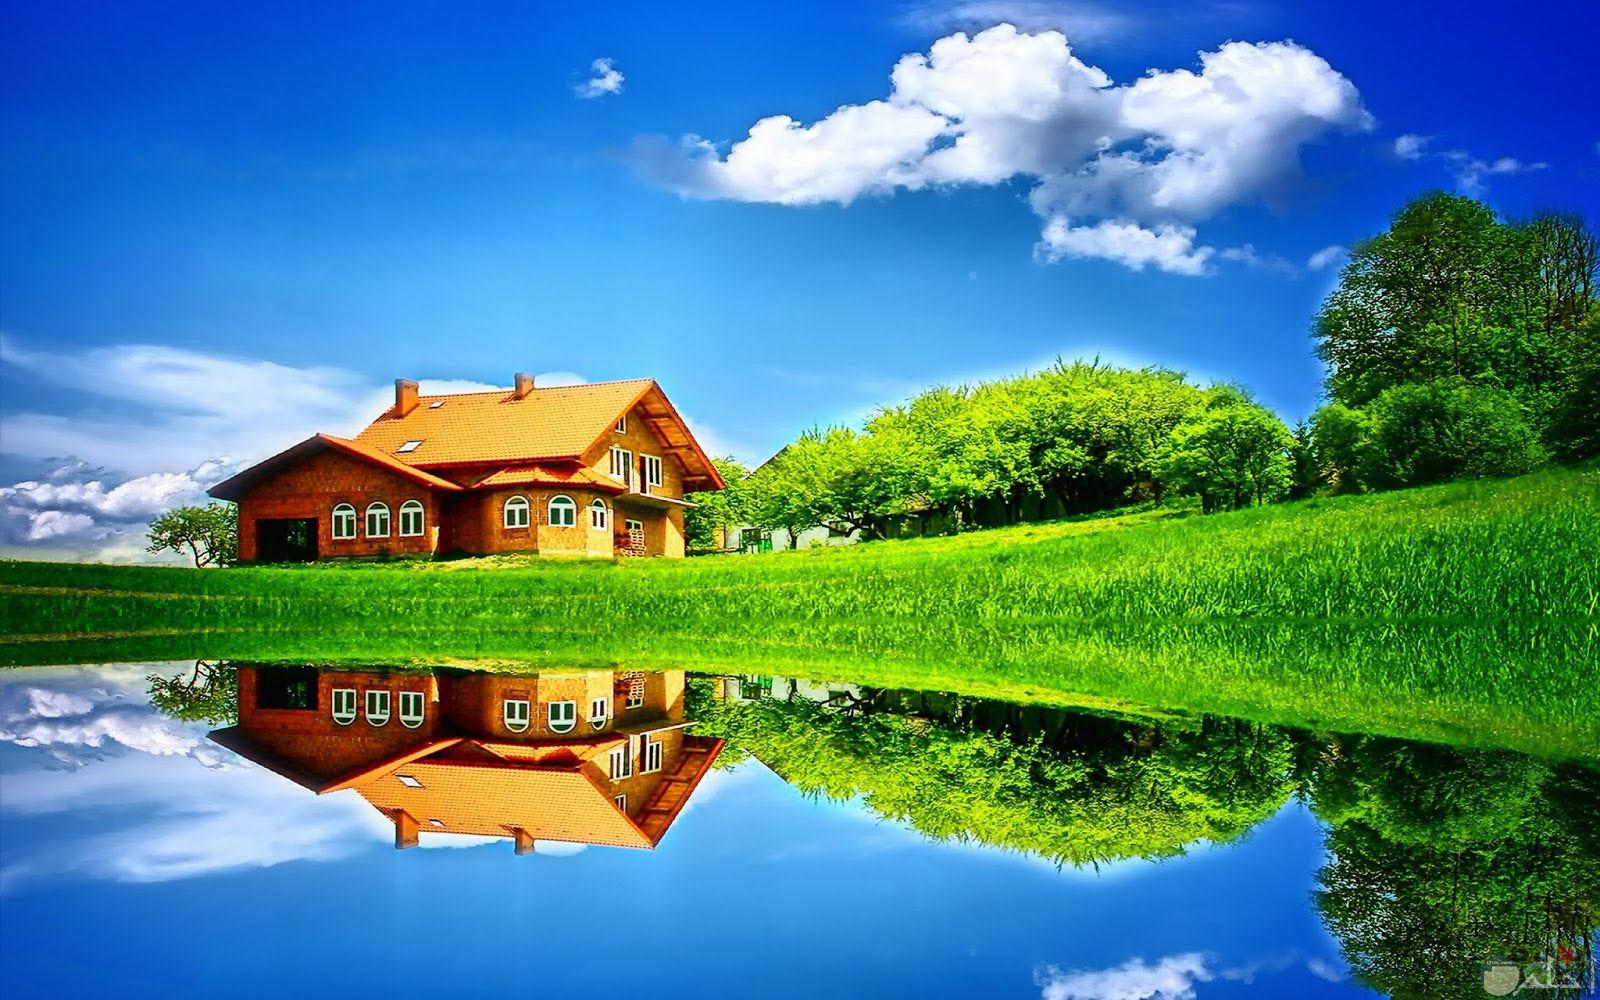 منزل رائع وسط الطبيعه الخلابه